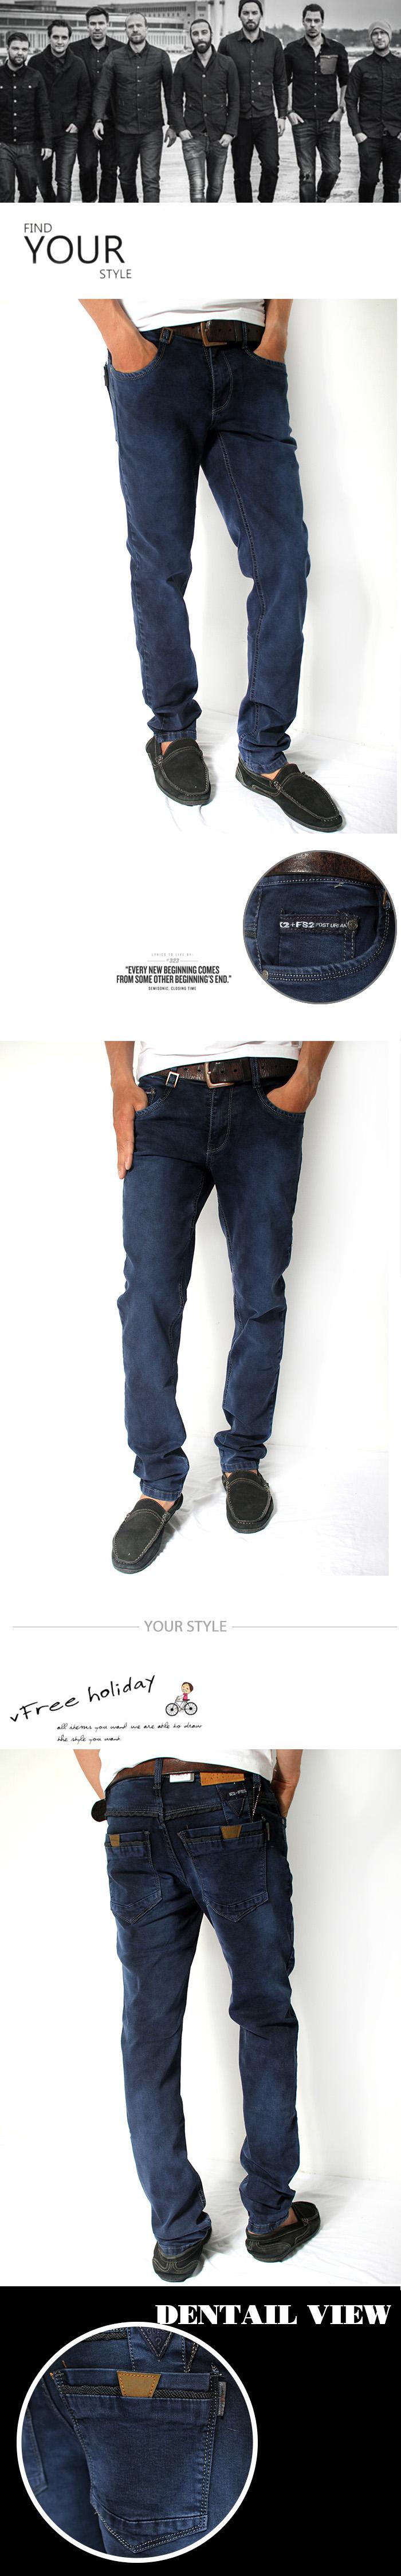 Quần jean xanh đen qj1162 - 1